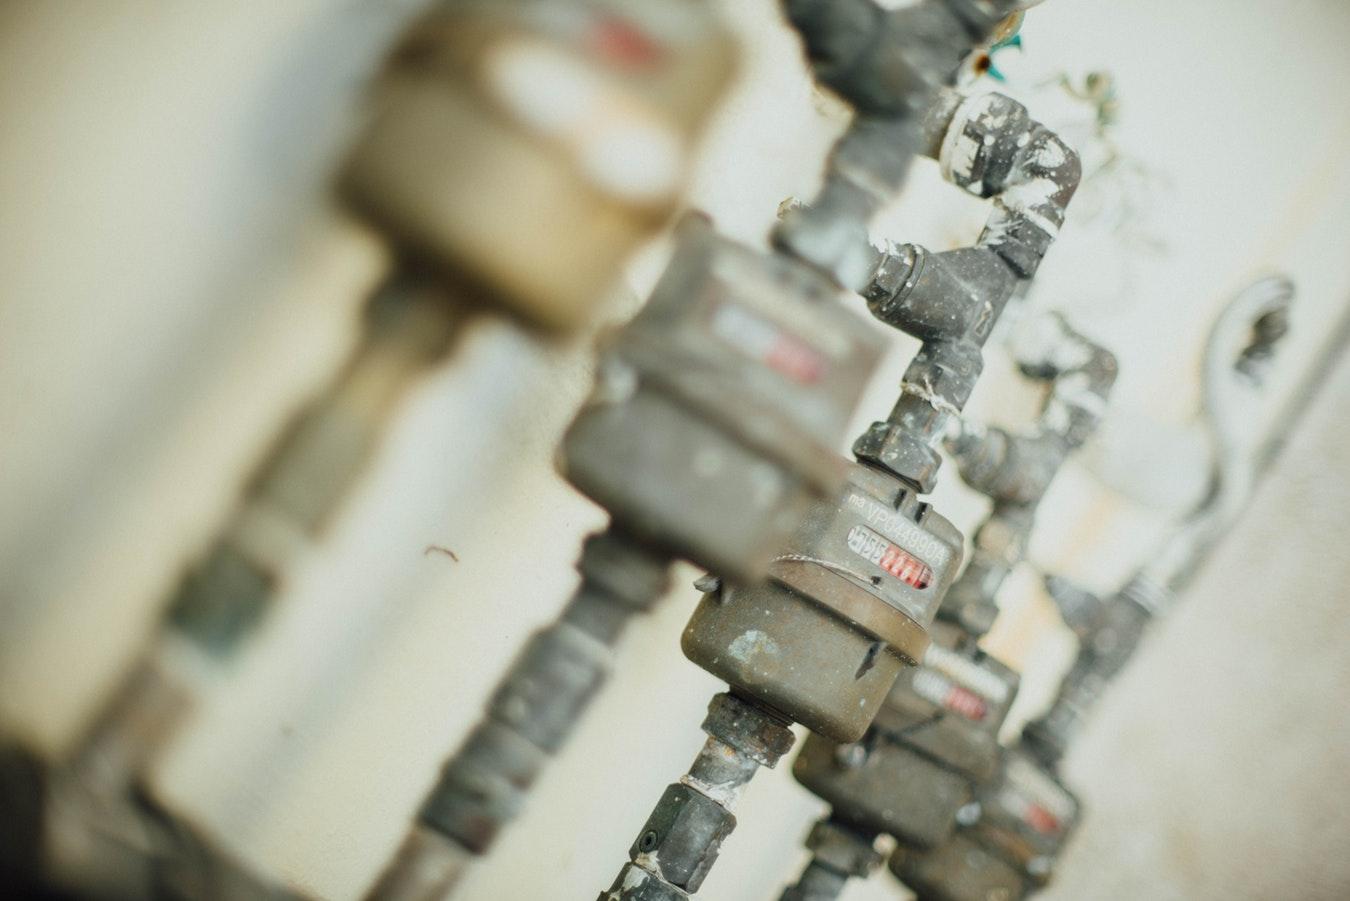 Mechanical water flow meters